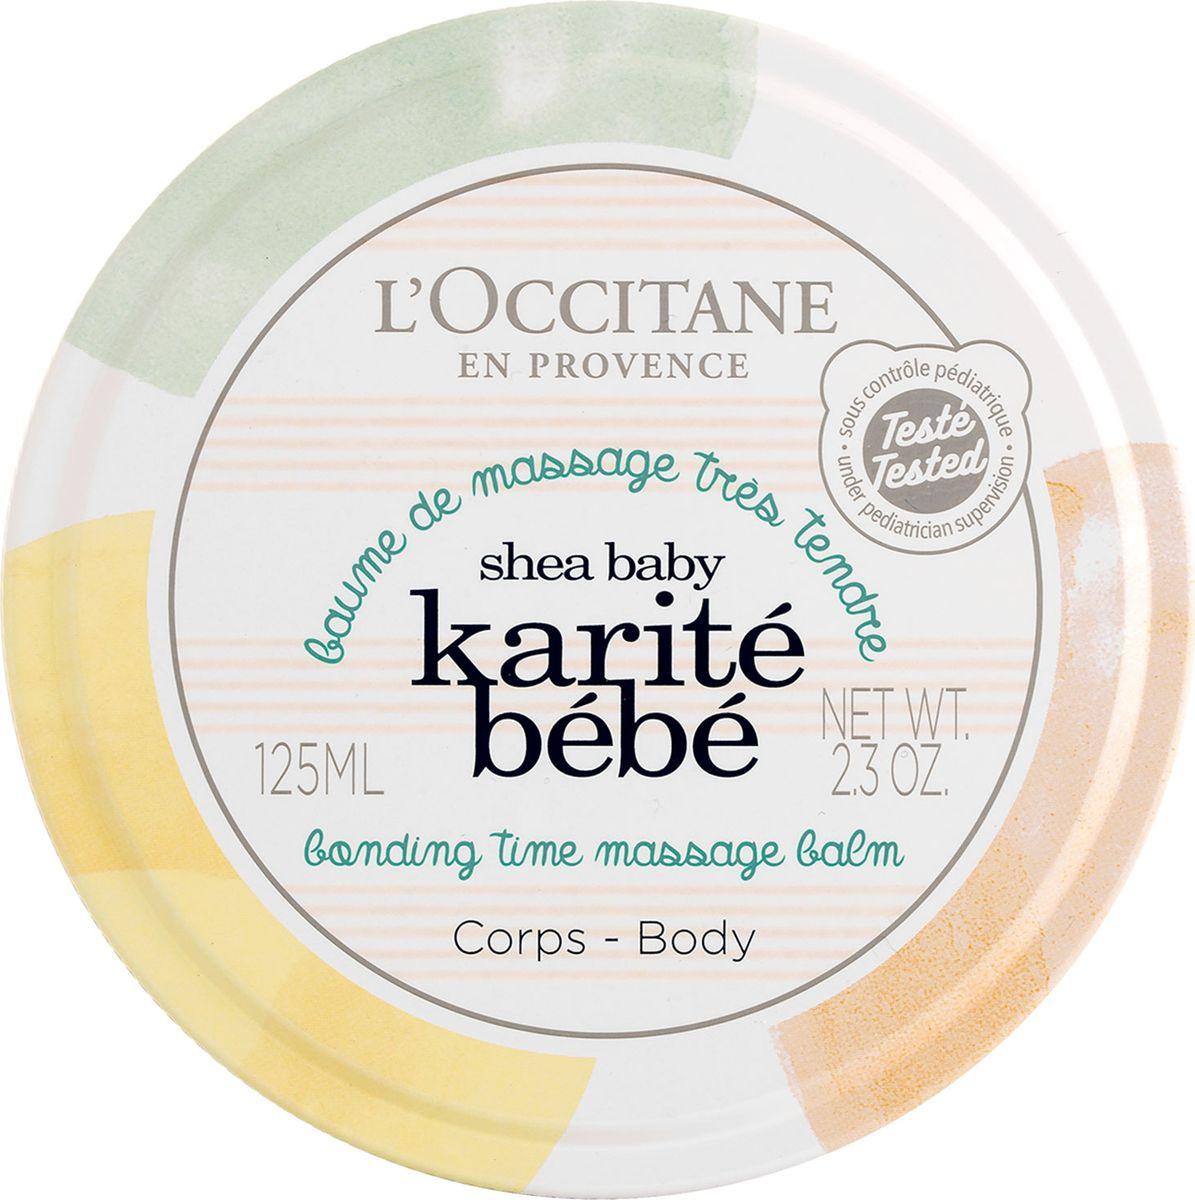 Фото - Бальзам-суфле для массажа детский L'Occitane En Provence Baby Care, 125 мл жидкое мыло l'occitane en provence вербена сменный блок 500 мл